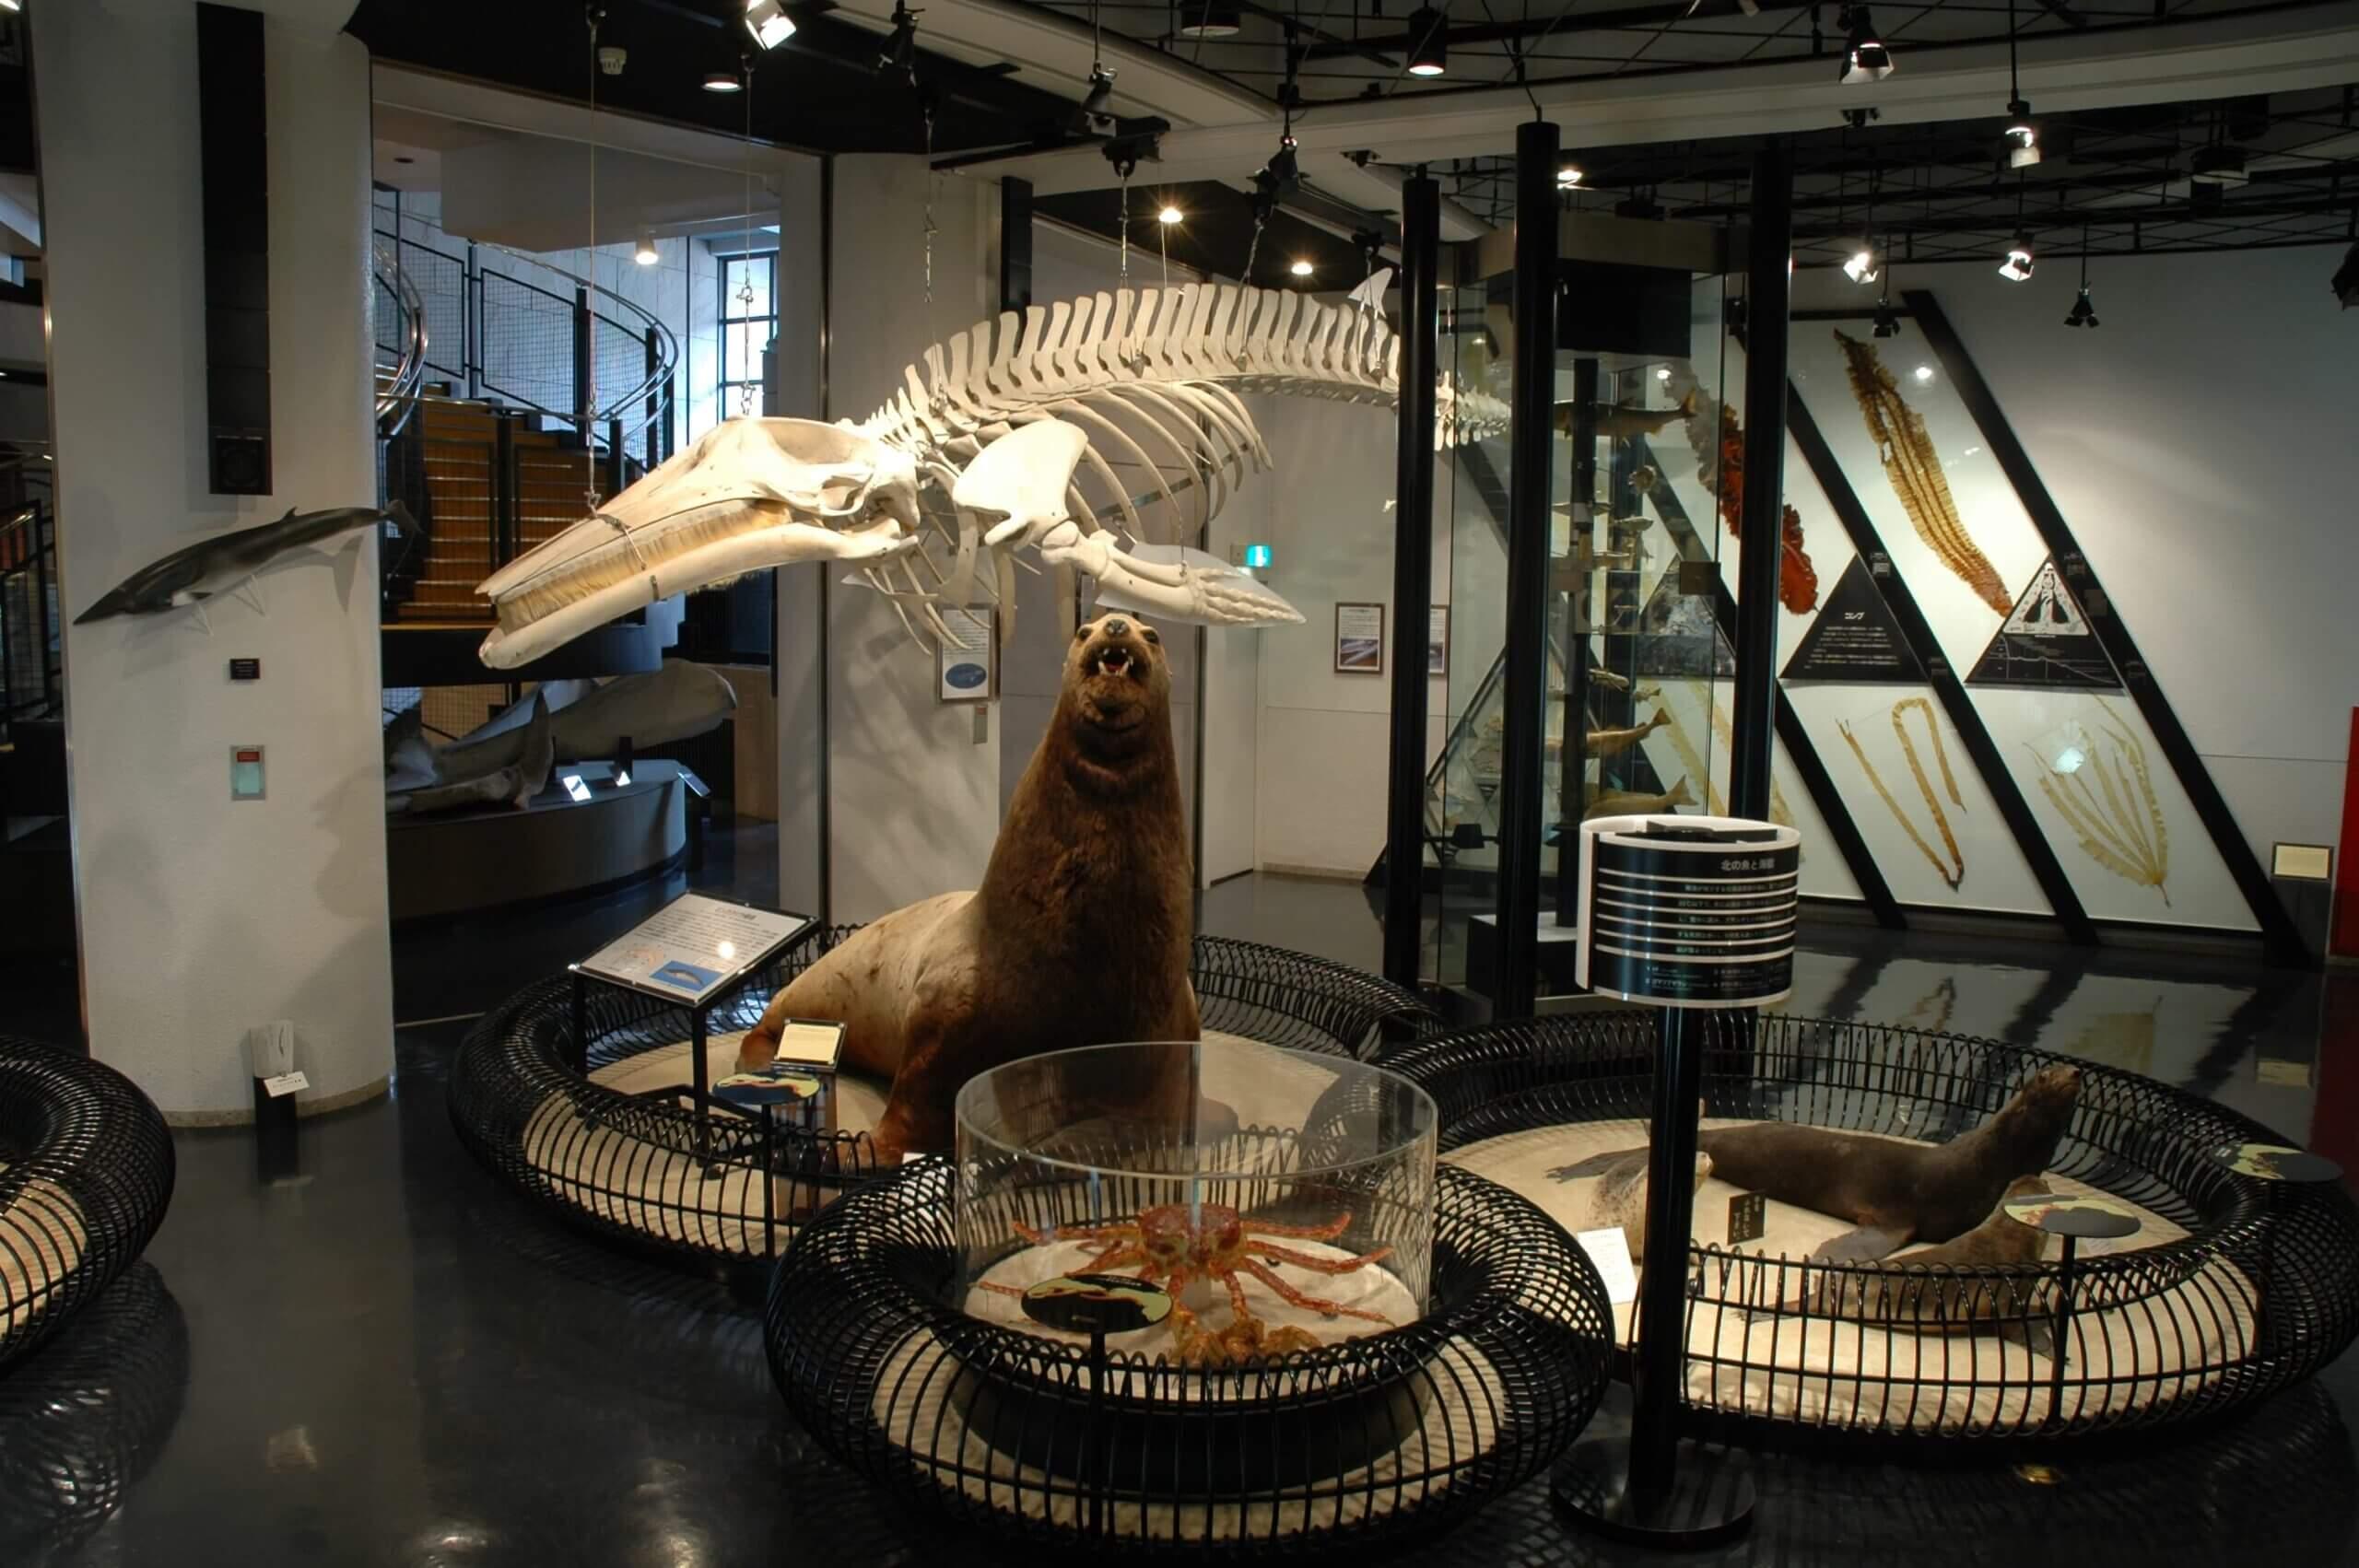 集合釧路歷史與自然魅力的「釧路市博物館」